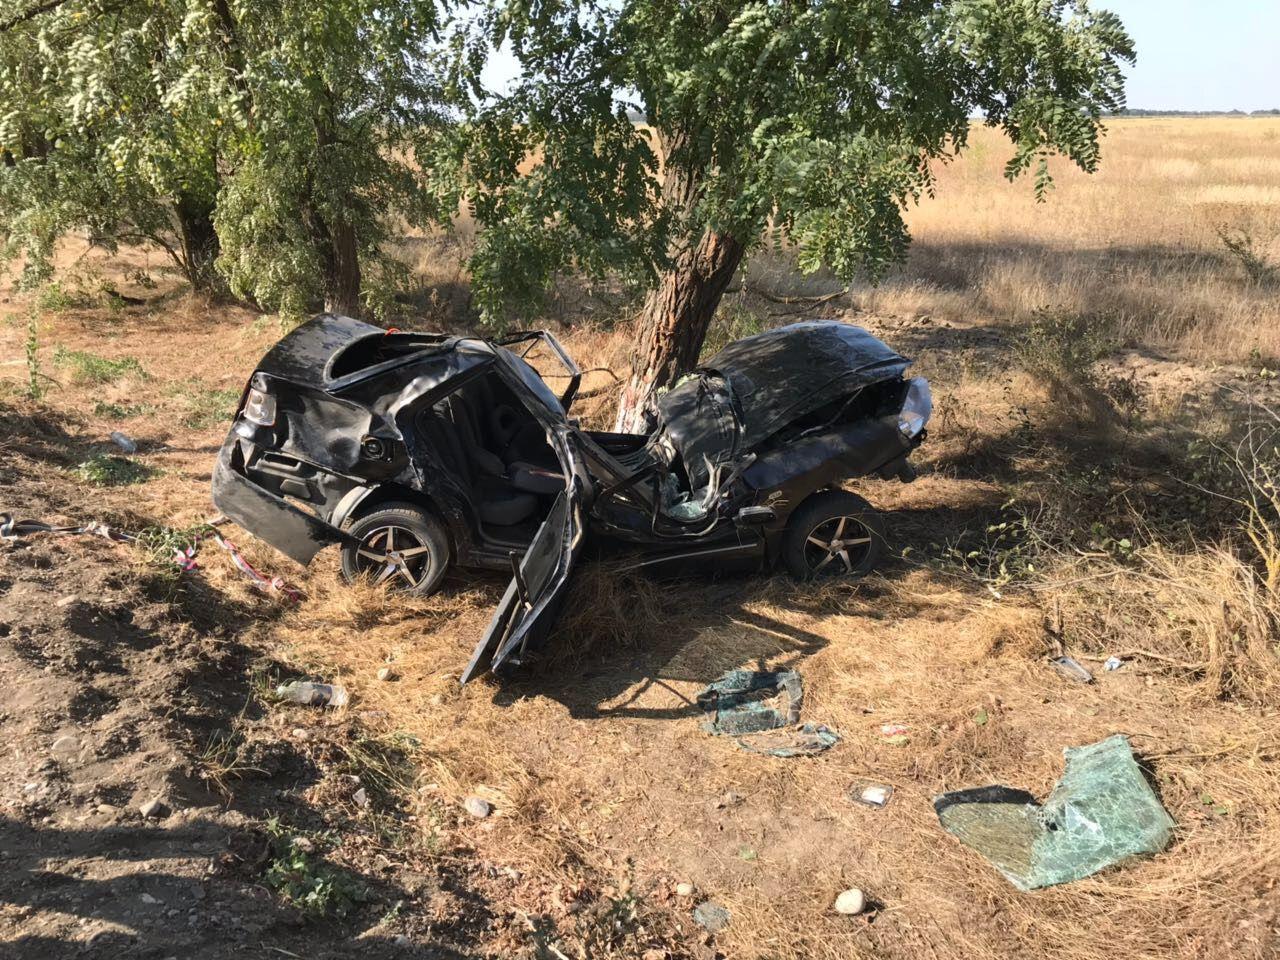 В Ставропольском крае во время гонок погиб 22-летний водитель легковушки